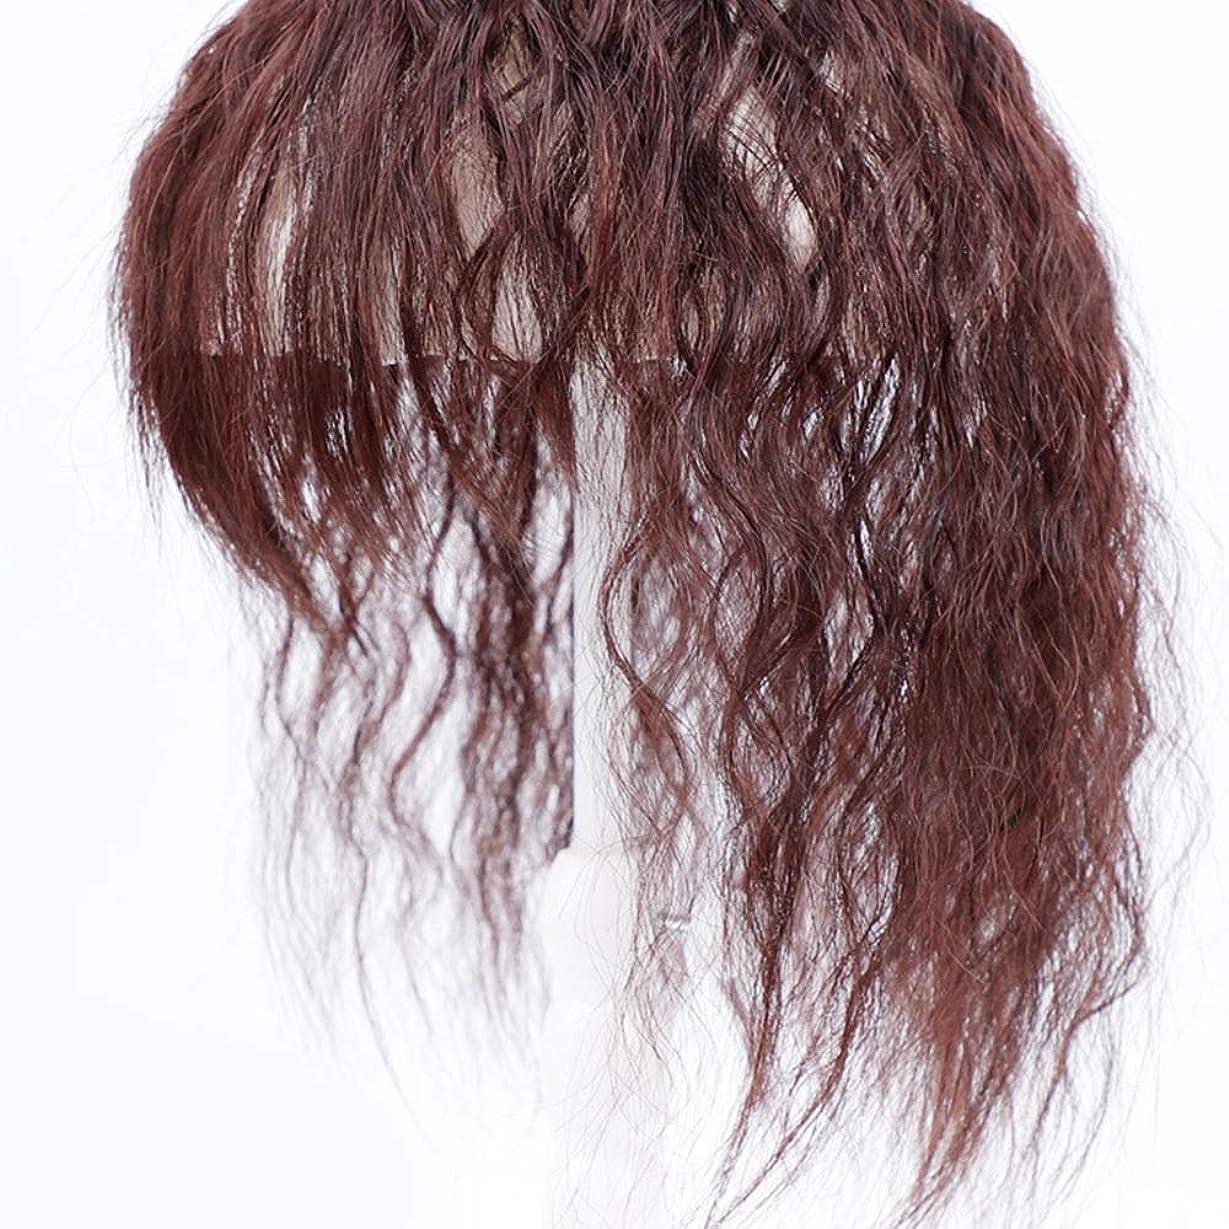 認証プレゼン区画BOBIDYEE ヘアエクステンションダークブラウンウィッグパーティーかつらで女性のクリップのためのコーンの長い巻き毛 (色 : Dark brown, サイズ : 25cm)